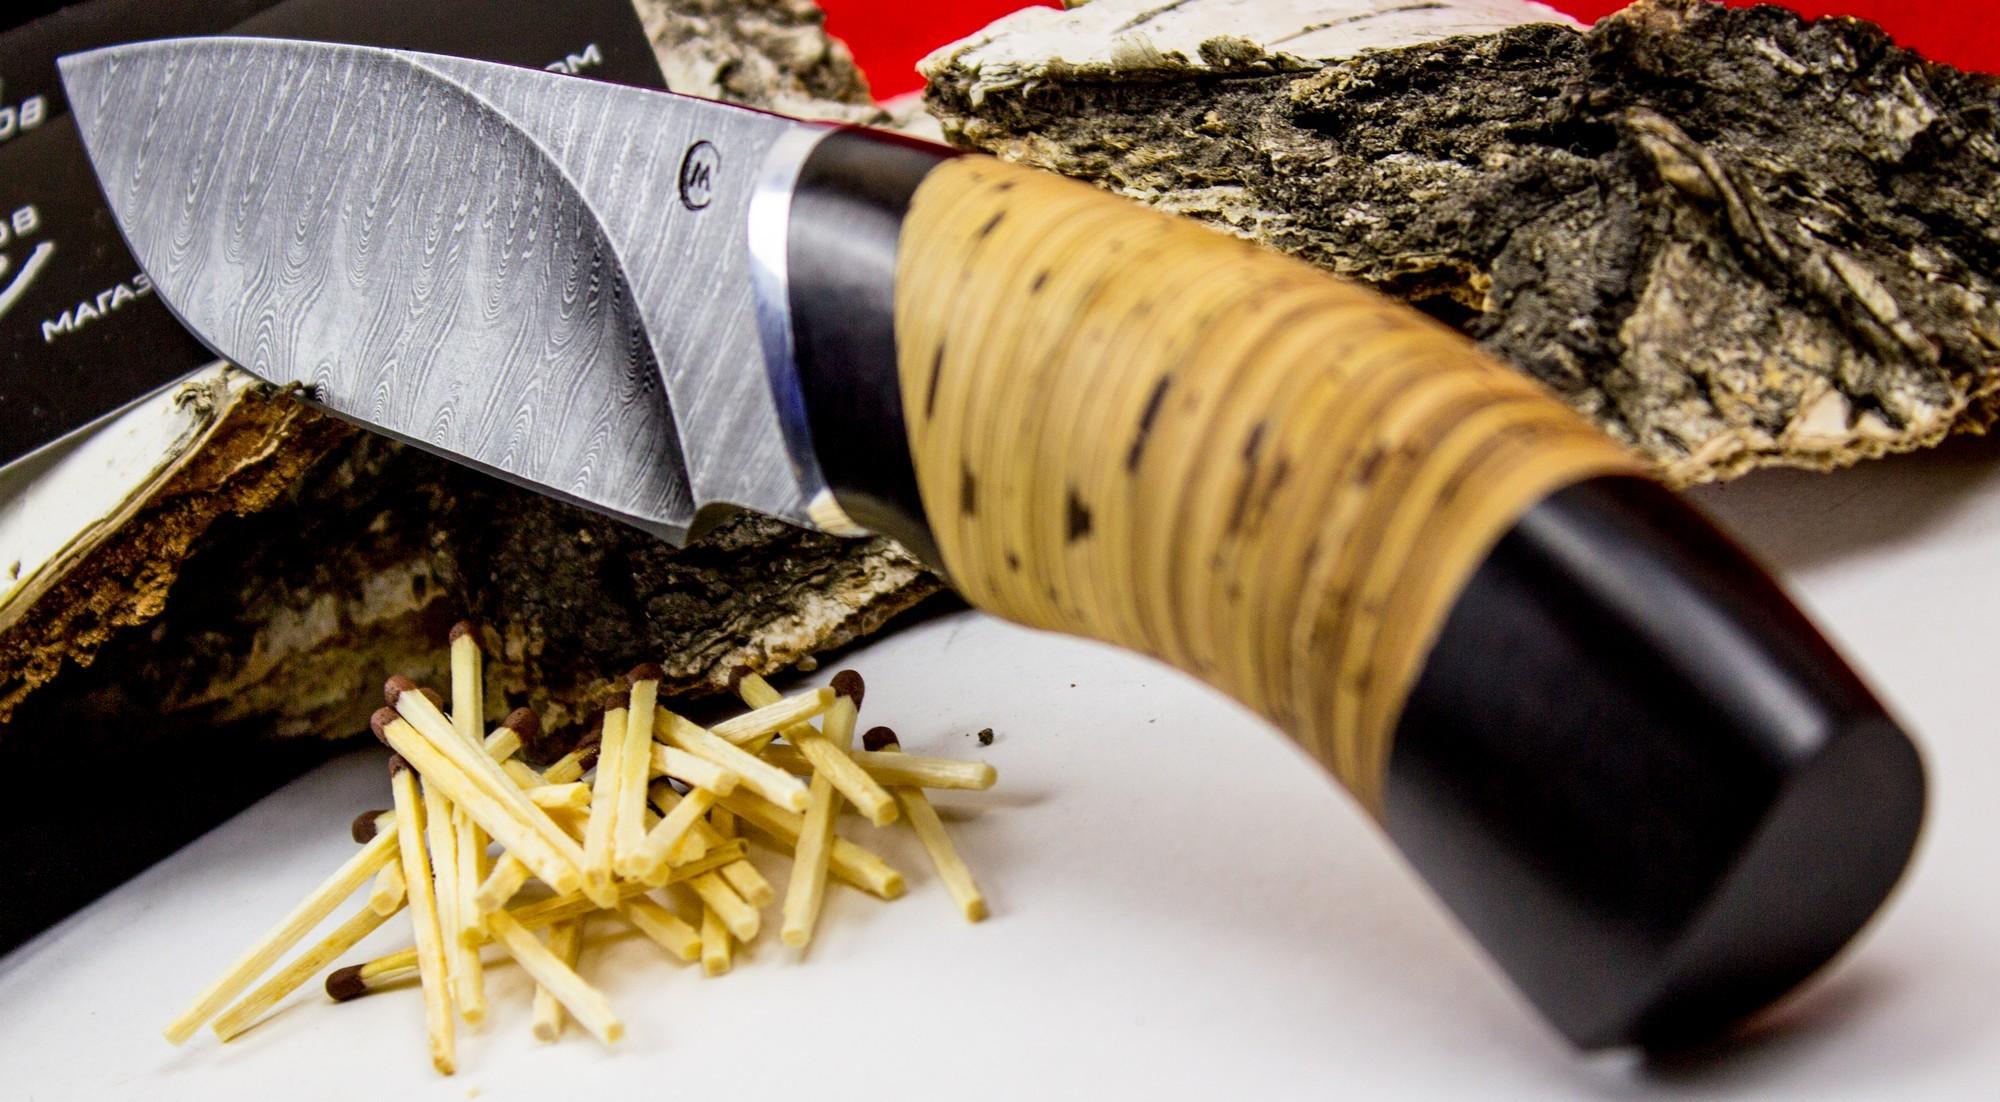 Фото 3 - Нож Разделочный, дамасская сталь от Кузница Семина